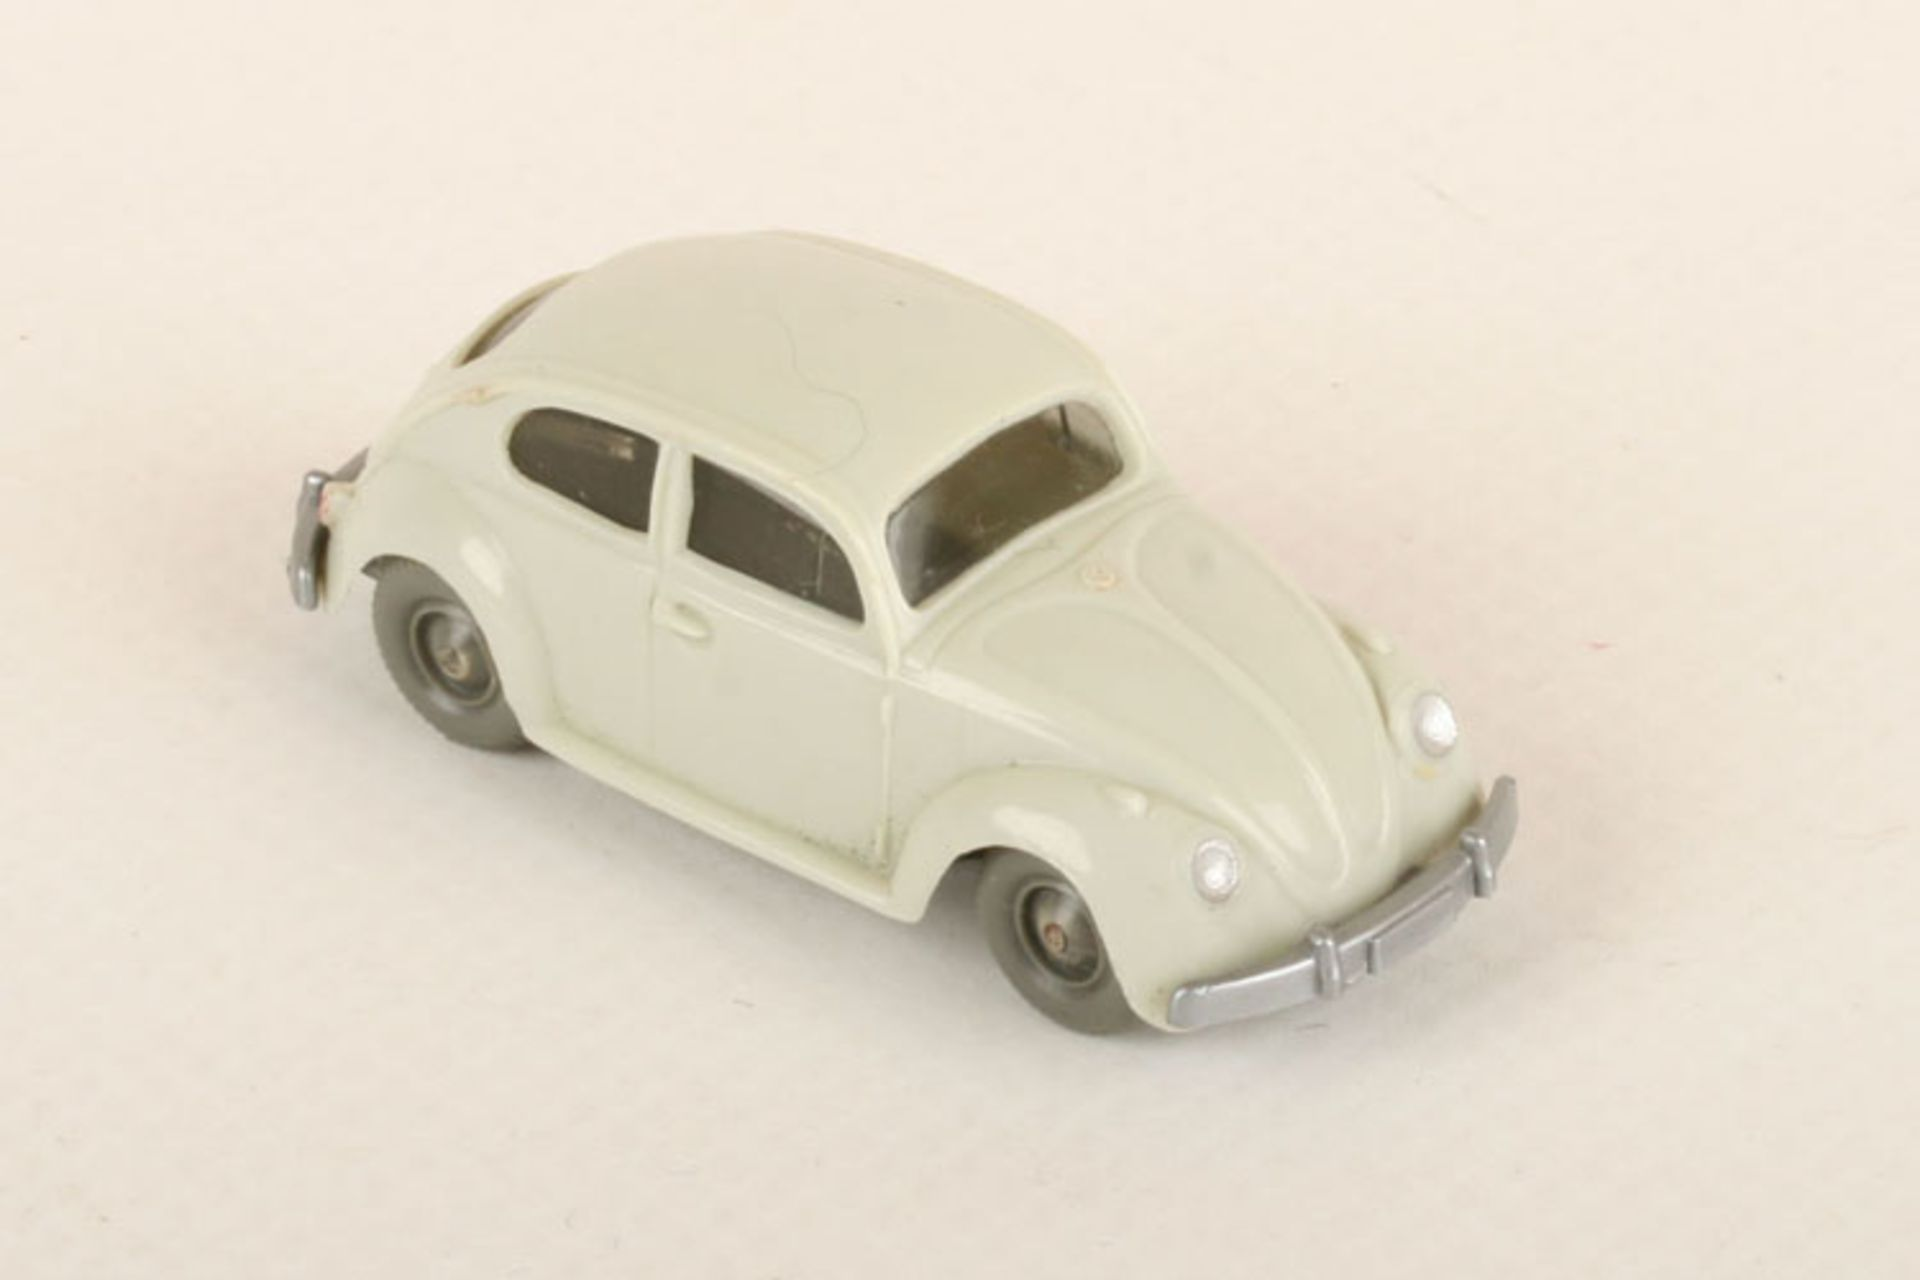 Los 1007 - Wiking VW Käfer 1200 d'-grünlichbeige 30/7h, extrem seltene Farbvariante, leider fehlen die beiden